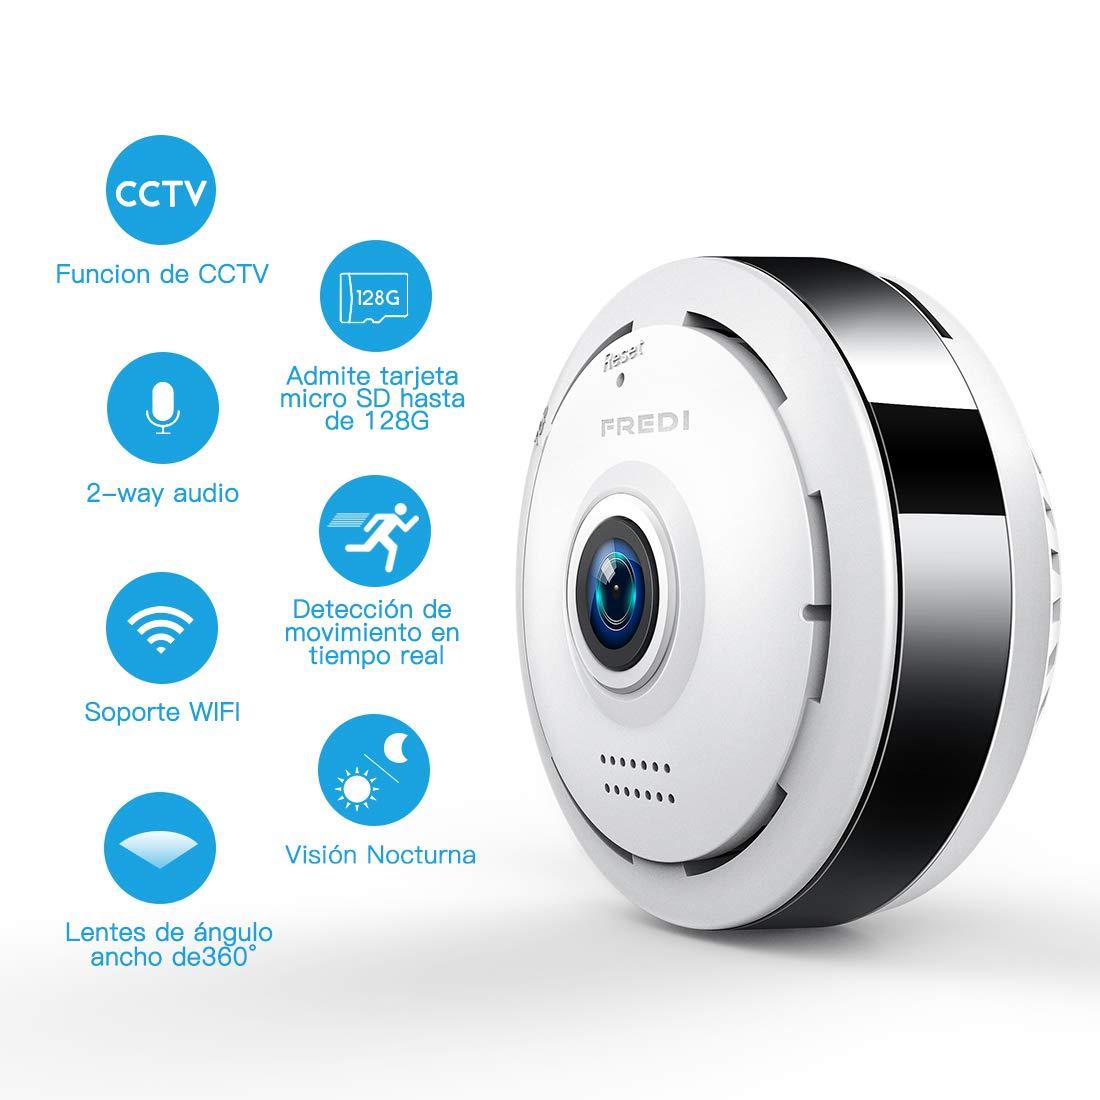 960P HD IP Wifi Cámara de Seguridad FREDI, Cámara de Vigilancia Panorámica de 360 grados, Deteccion de Movimiento con Visión Nocturna de Infrarrojos ...